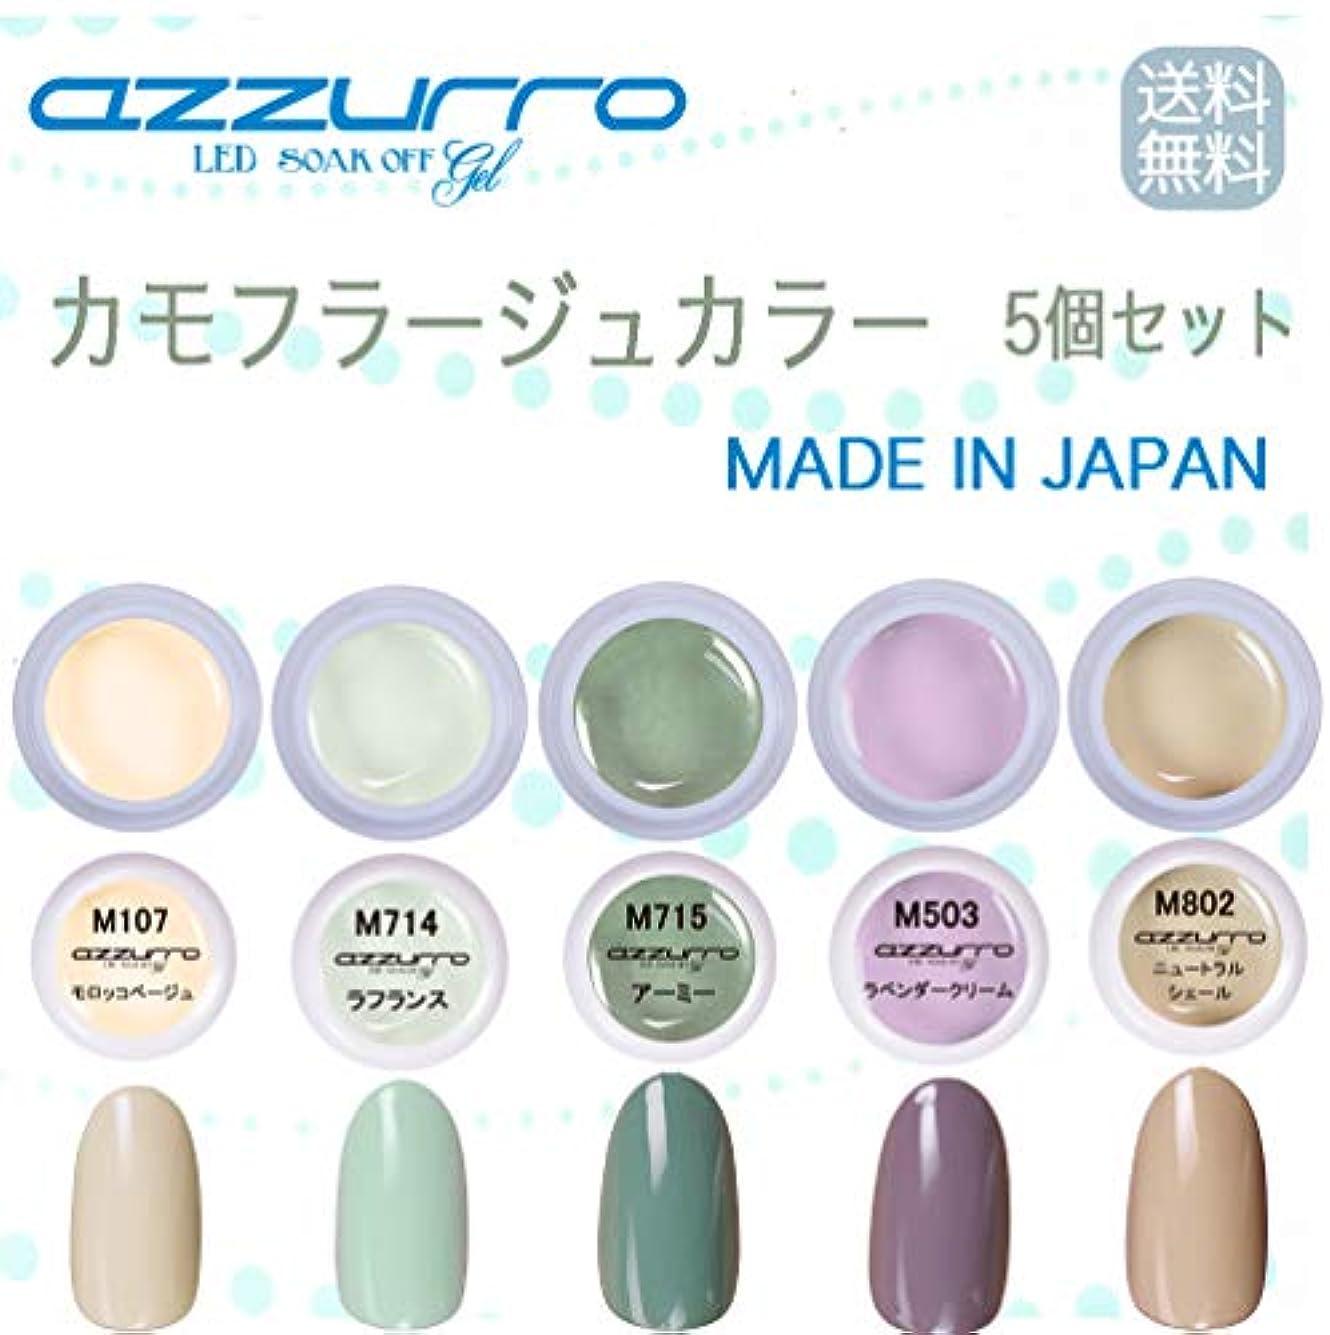 ニコチン先見の明方法論【送料無料】日本製 azzurro gel カモフラージュカラージェル5個セット 春にピッタリでクールなトレンドカラーのカモフラージュカラー